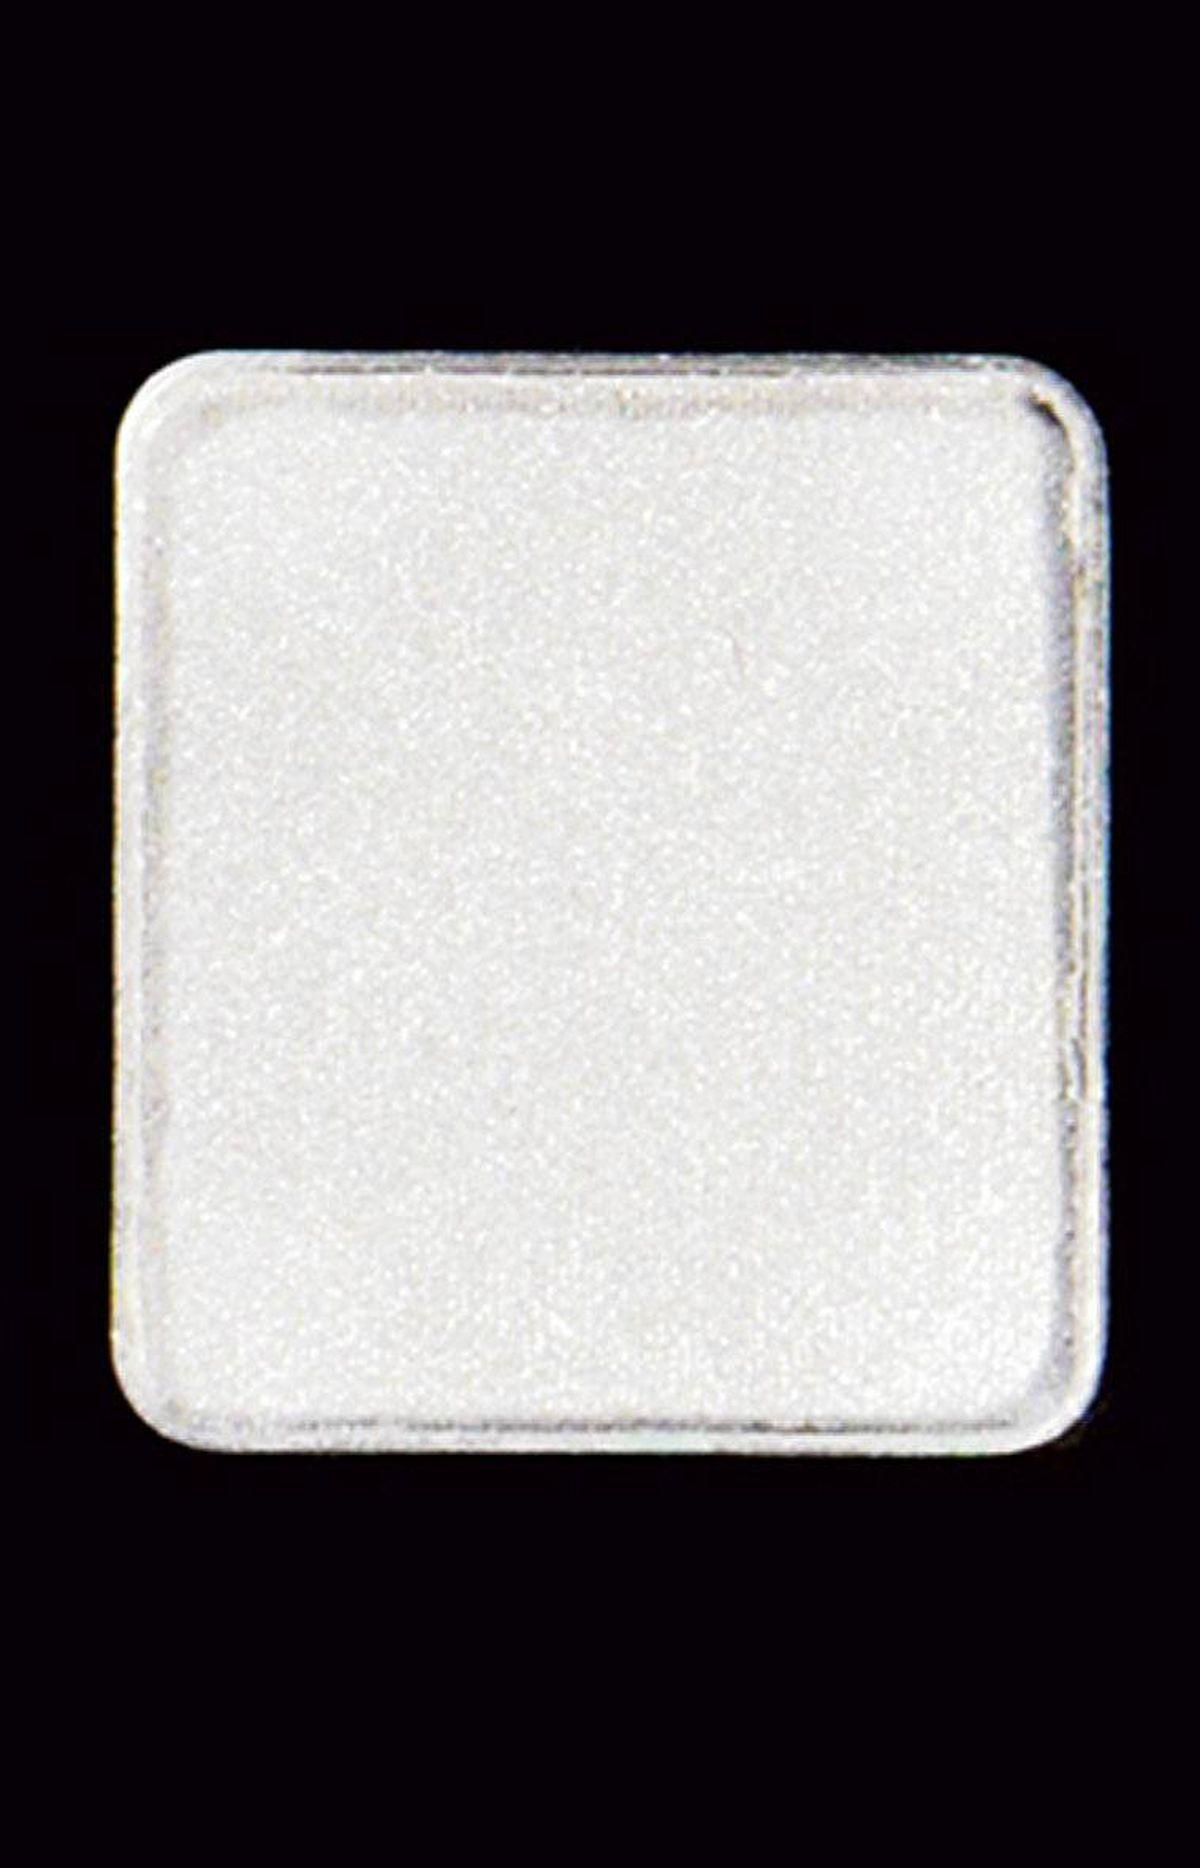 Shu Uemura Reindeer Kiss palette (shade shown: K2), $84 at Holt Renfrew (www.holtrenfrew.com).